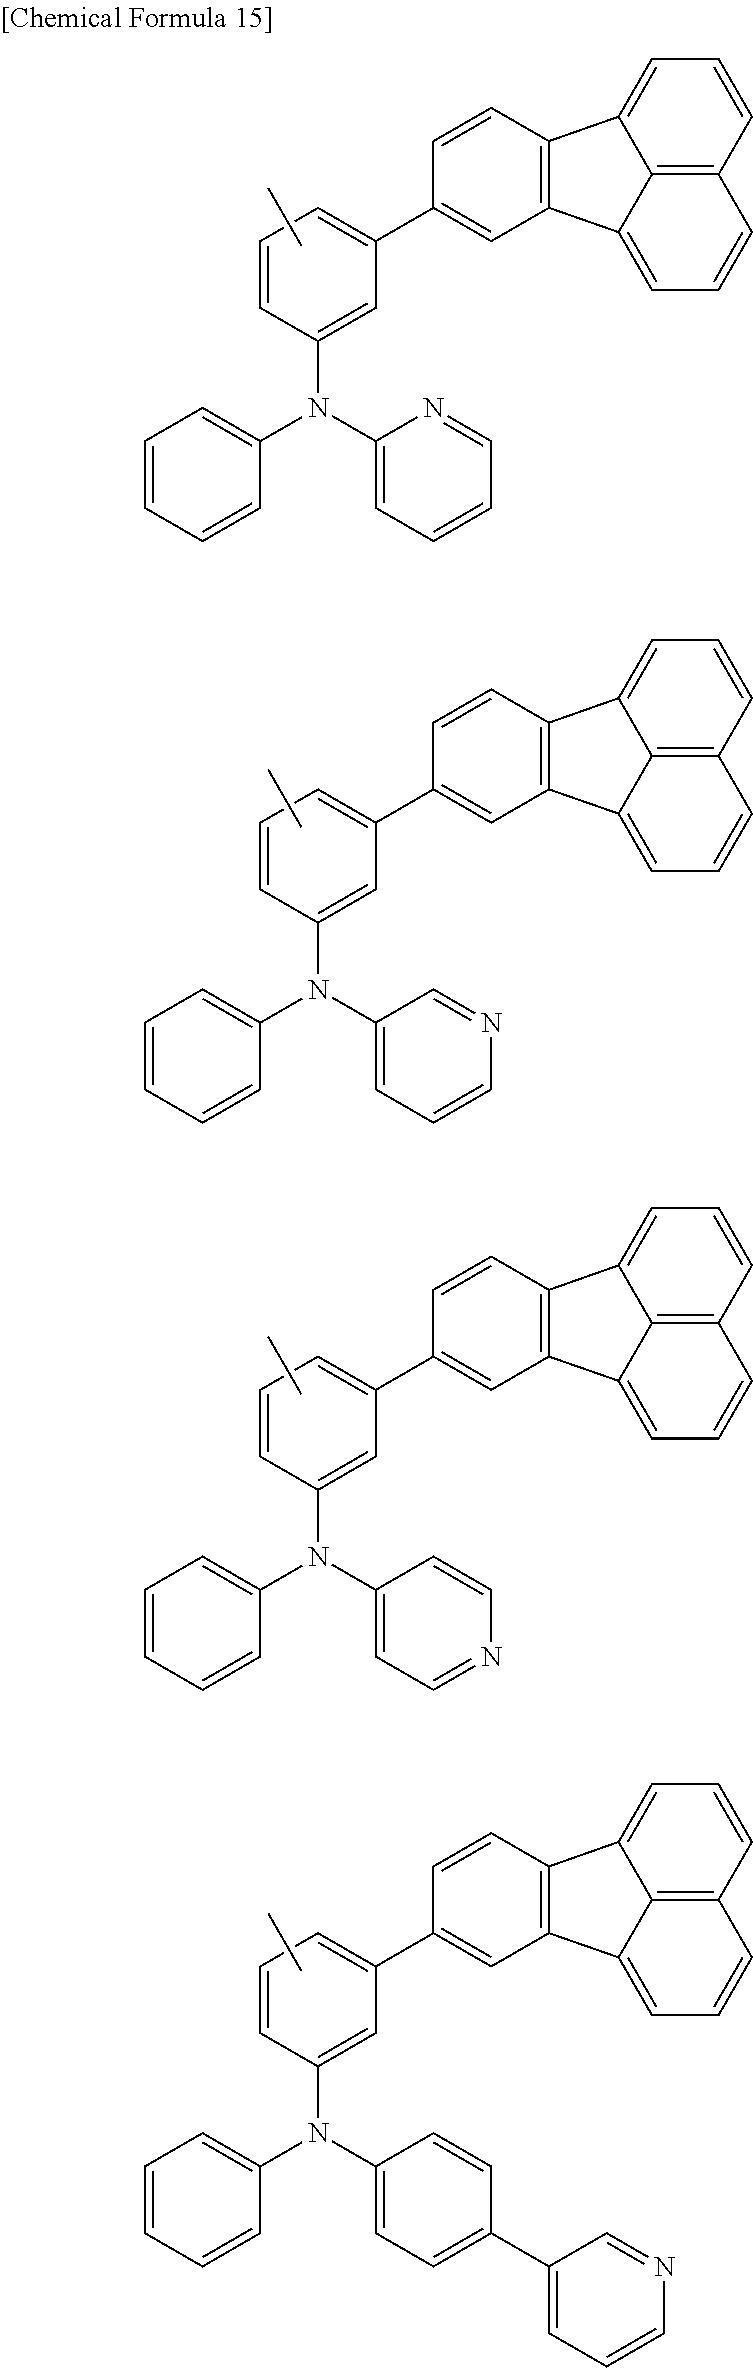 Figure US20150280139A1-20151001-C00030